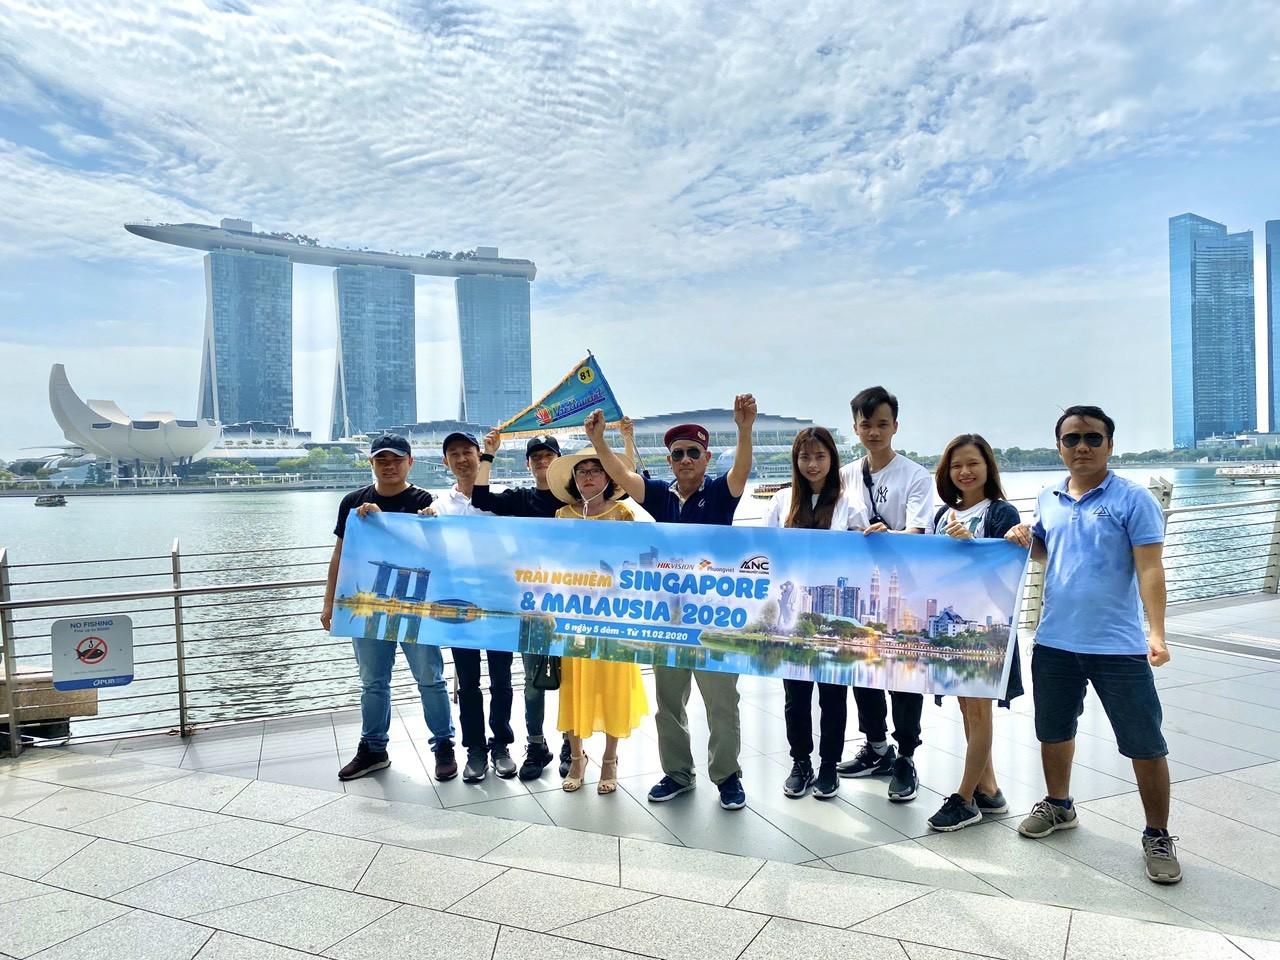 Ánh Nguyệt Cường phân phối Camera Ezviz Đà Nẵng dẫn đại lý du lịch Singapore